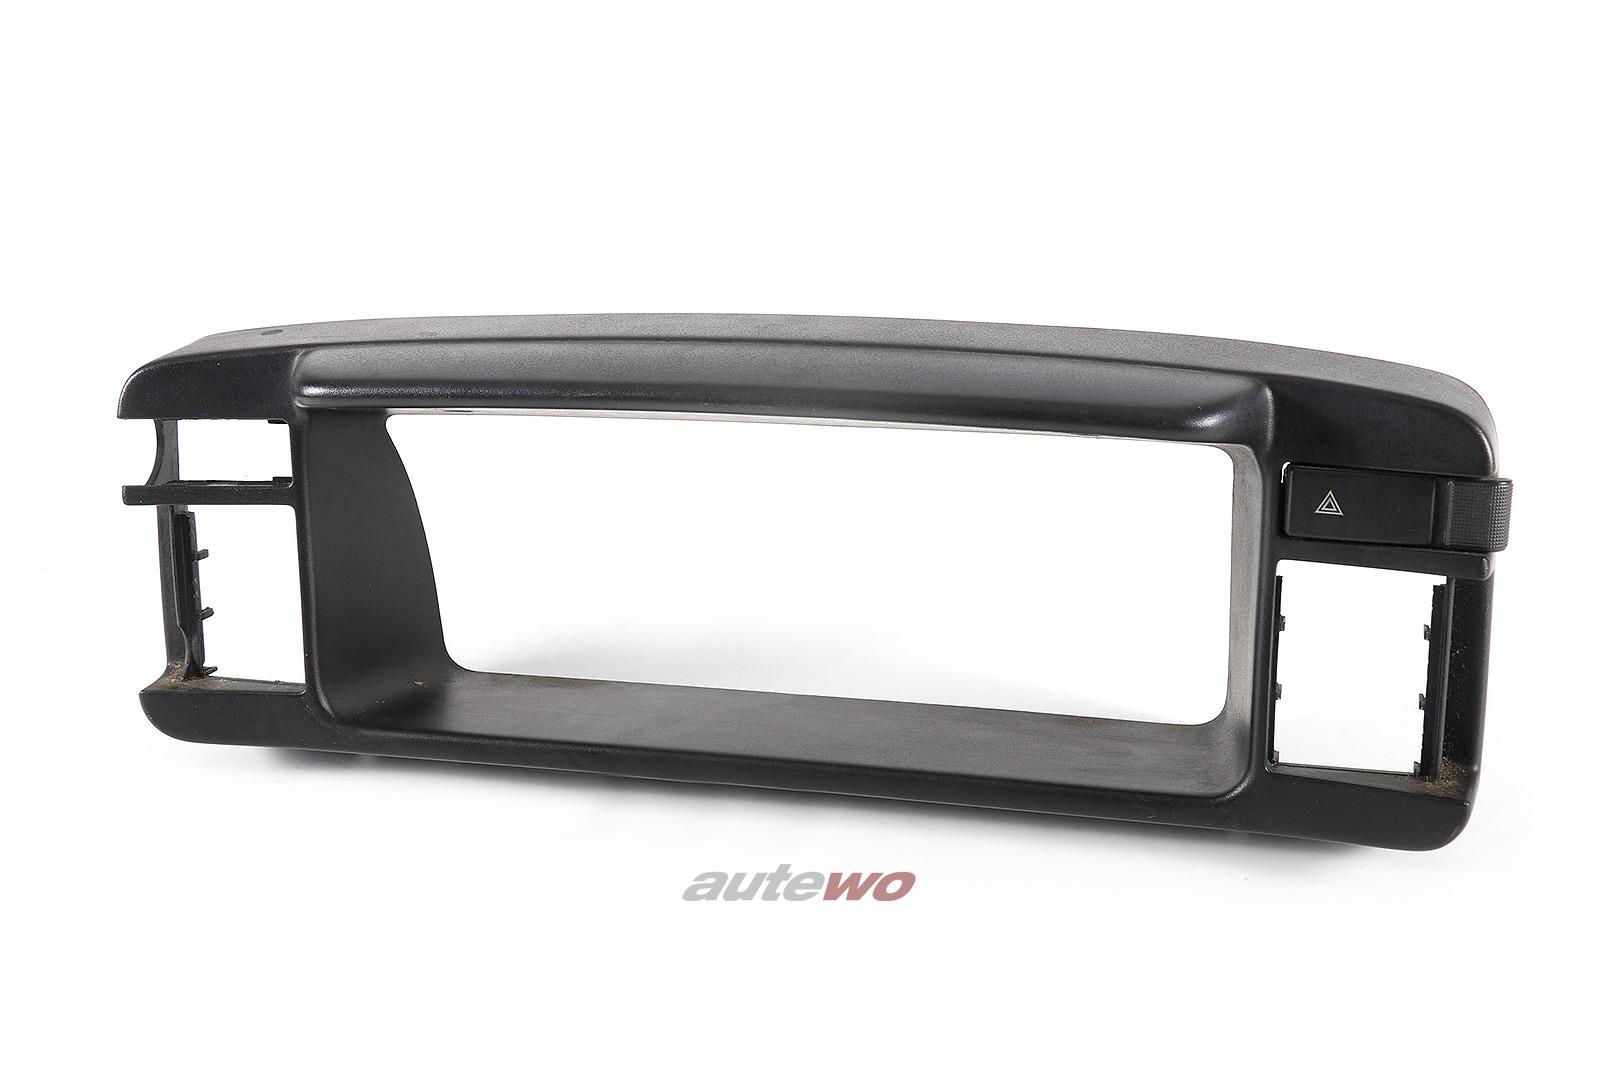 857919103 90/Coupe Typ 81/85/Urquattro Rahmen Instrument schwarz